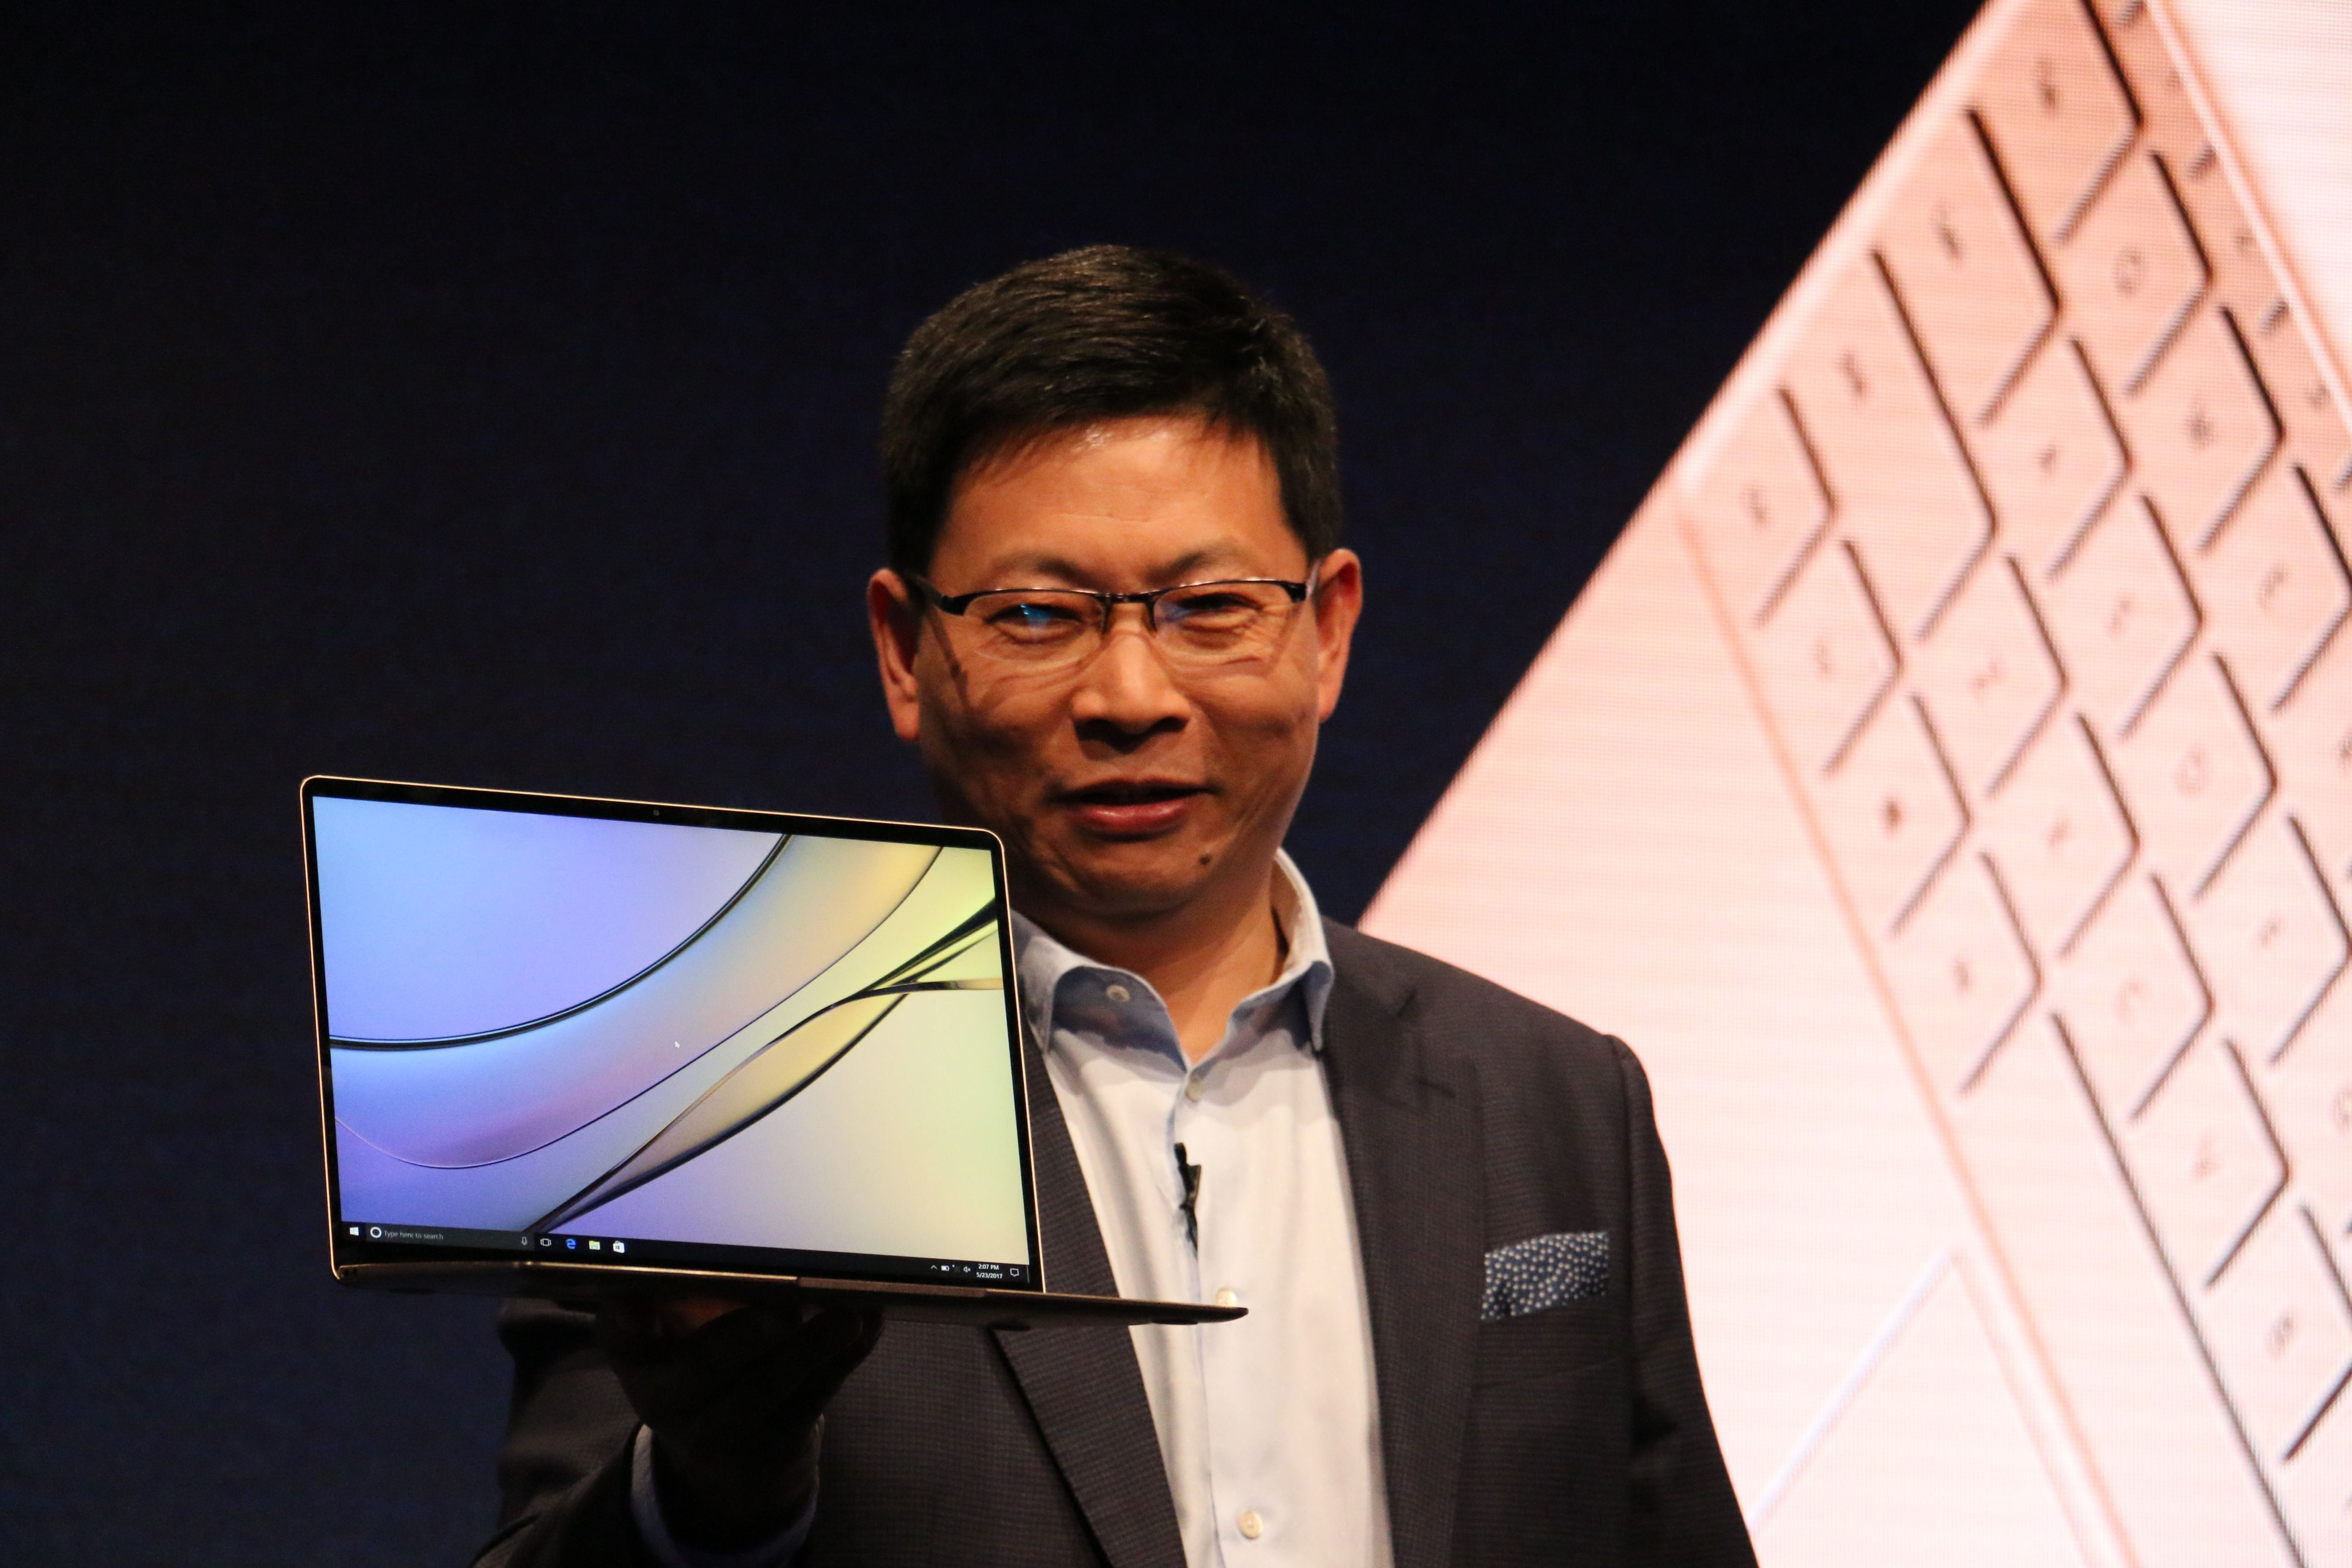 Richard Yu, sjef for Huaweis mobildivisjon, var fornøyd med innsatsen til egne ingeniører, som skal ha klart å stappe en i5-7200U-prosessor inn i et 0,9 cm tynt kabinett, uten vifter.